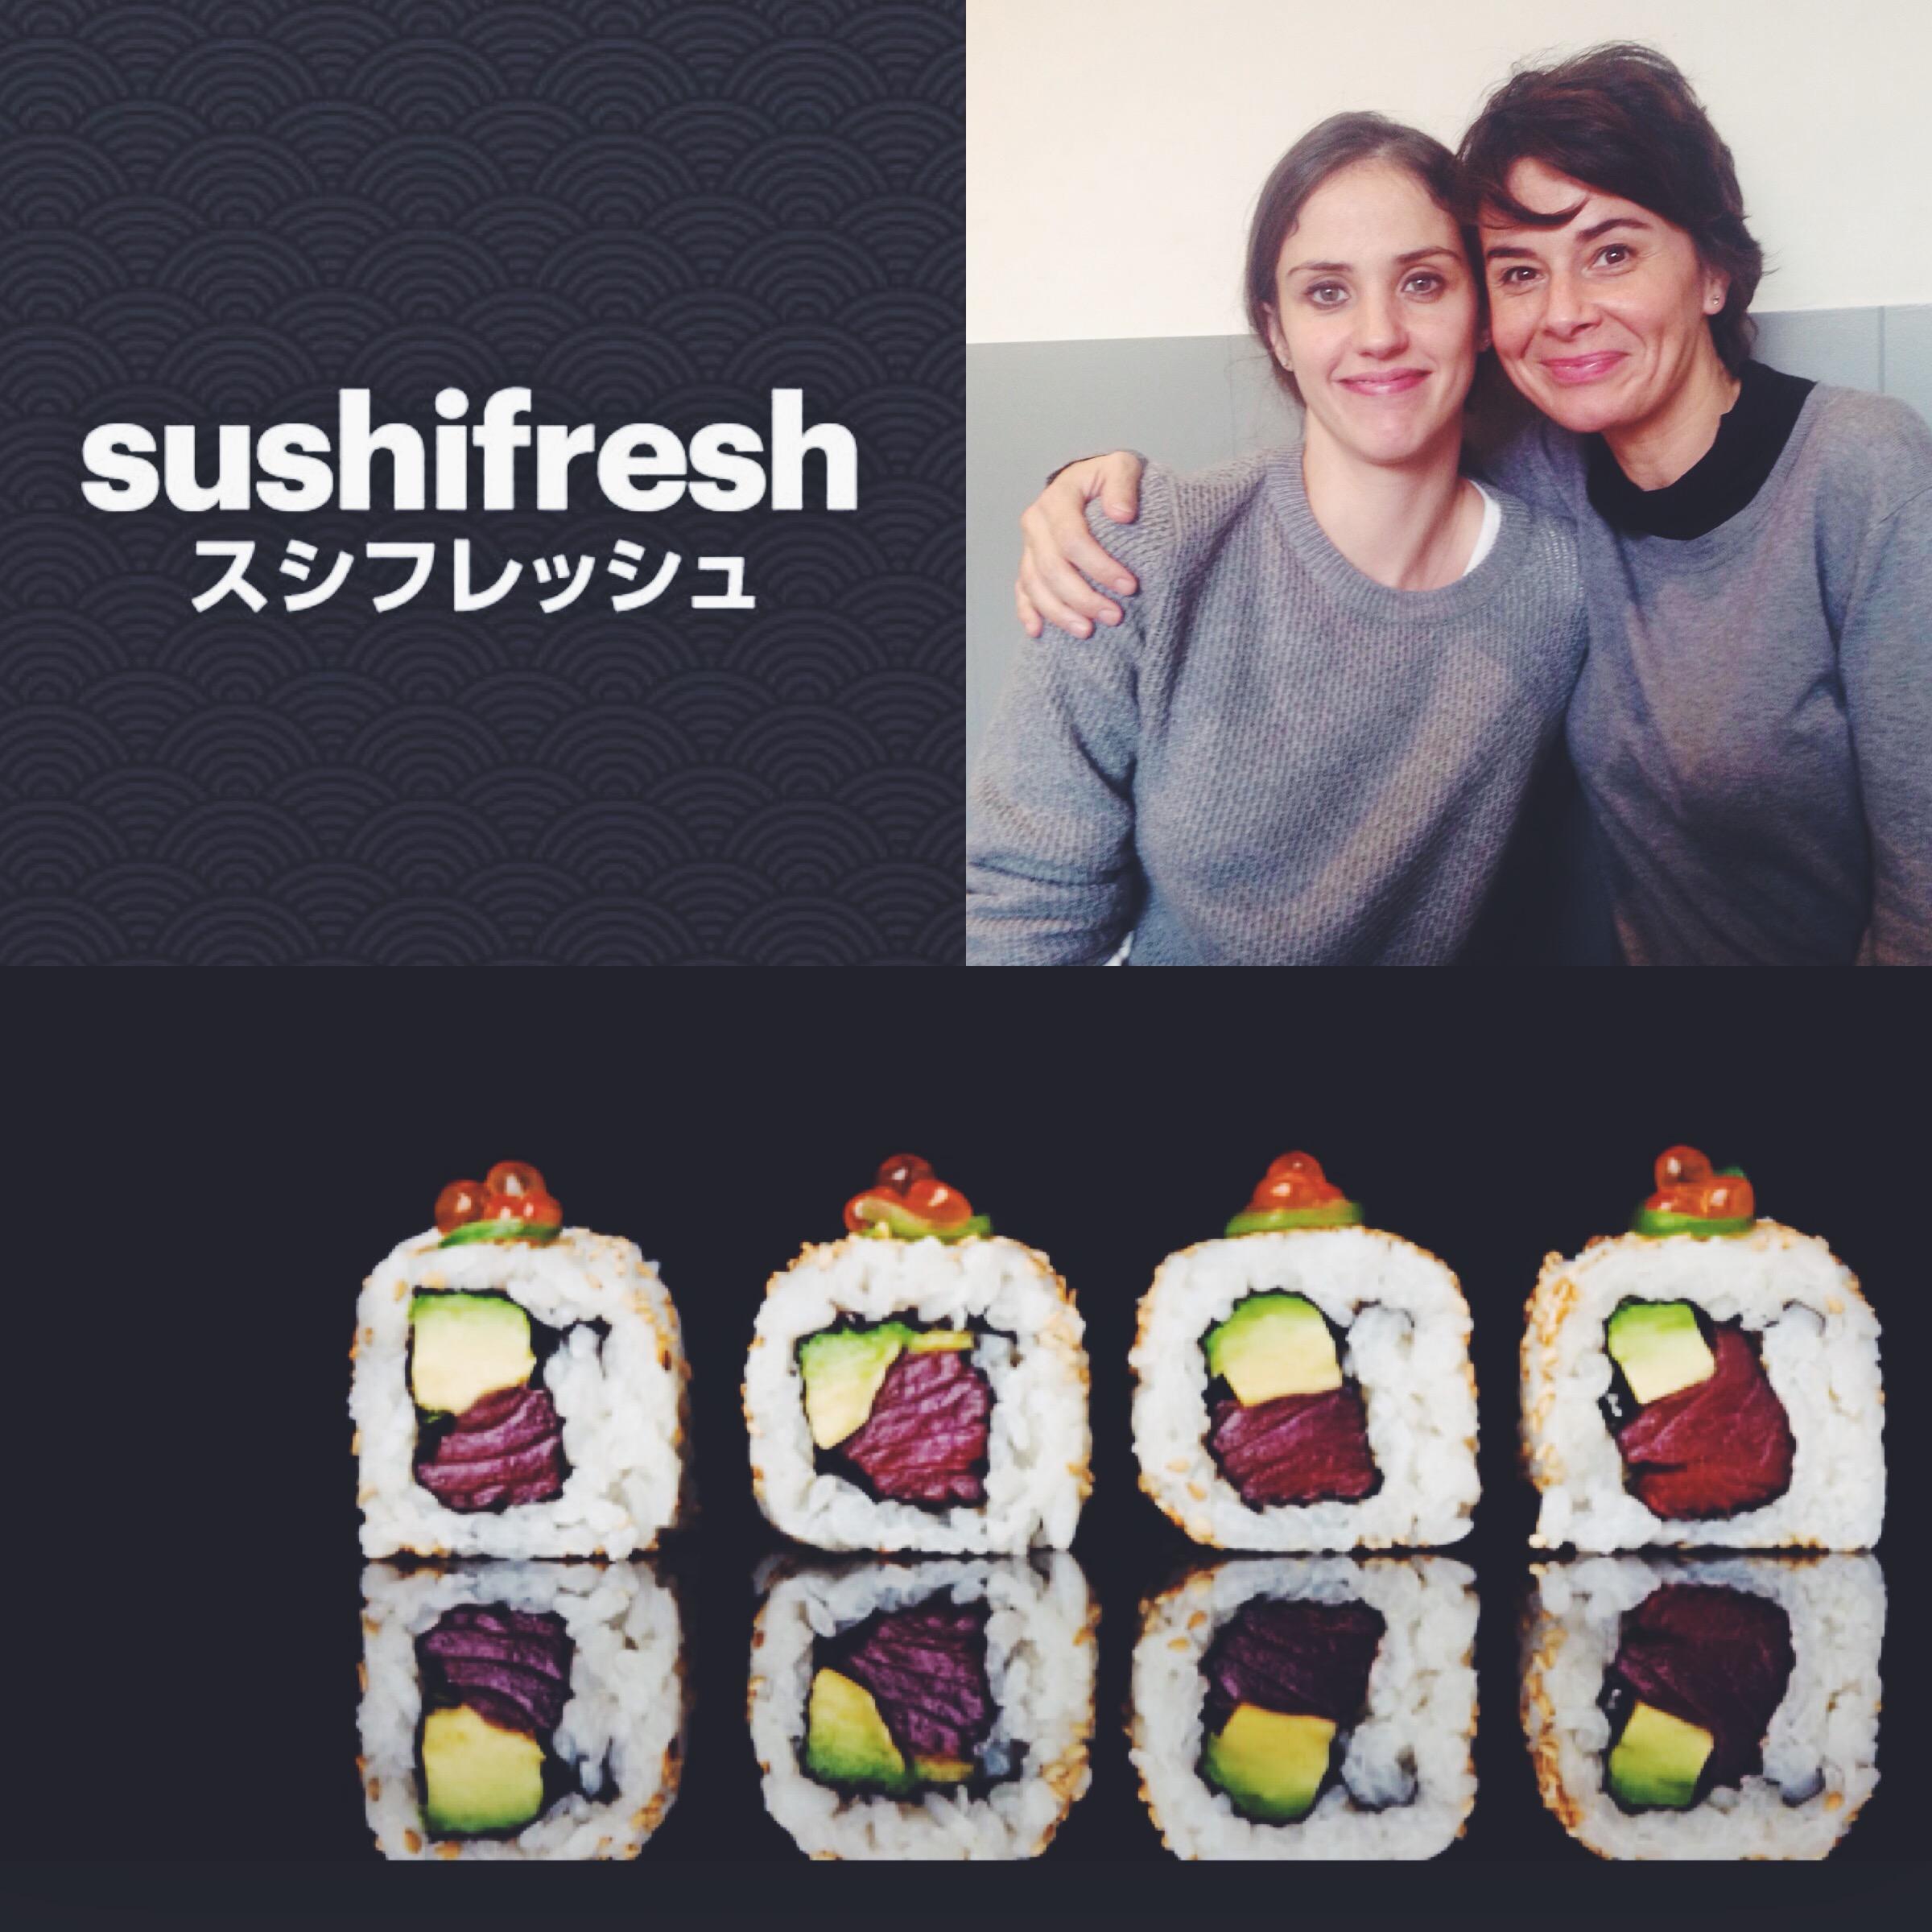 Sushifresh